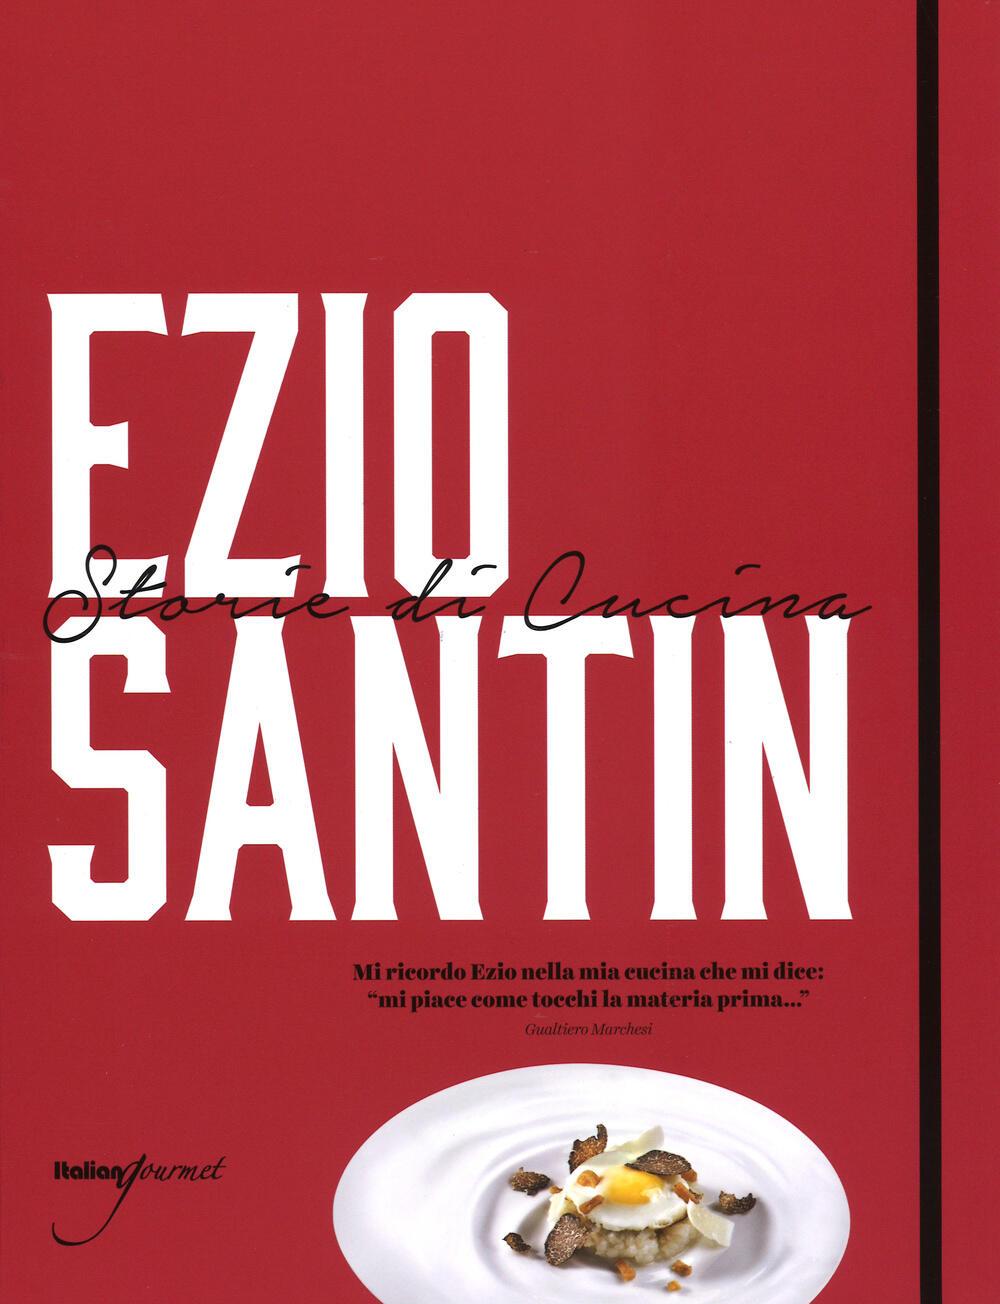 Storie di cucina ediz italiana e inglese ezio santin - Racconti di cucina ...